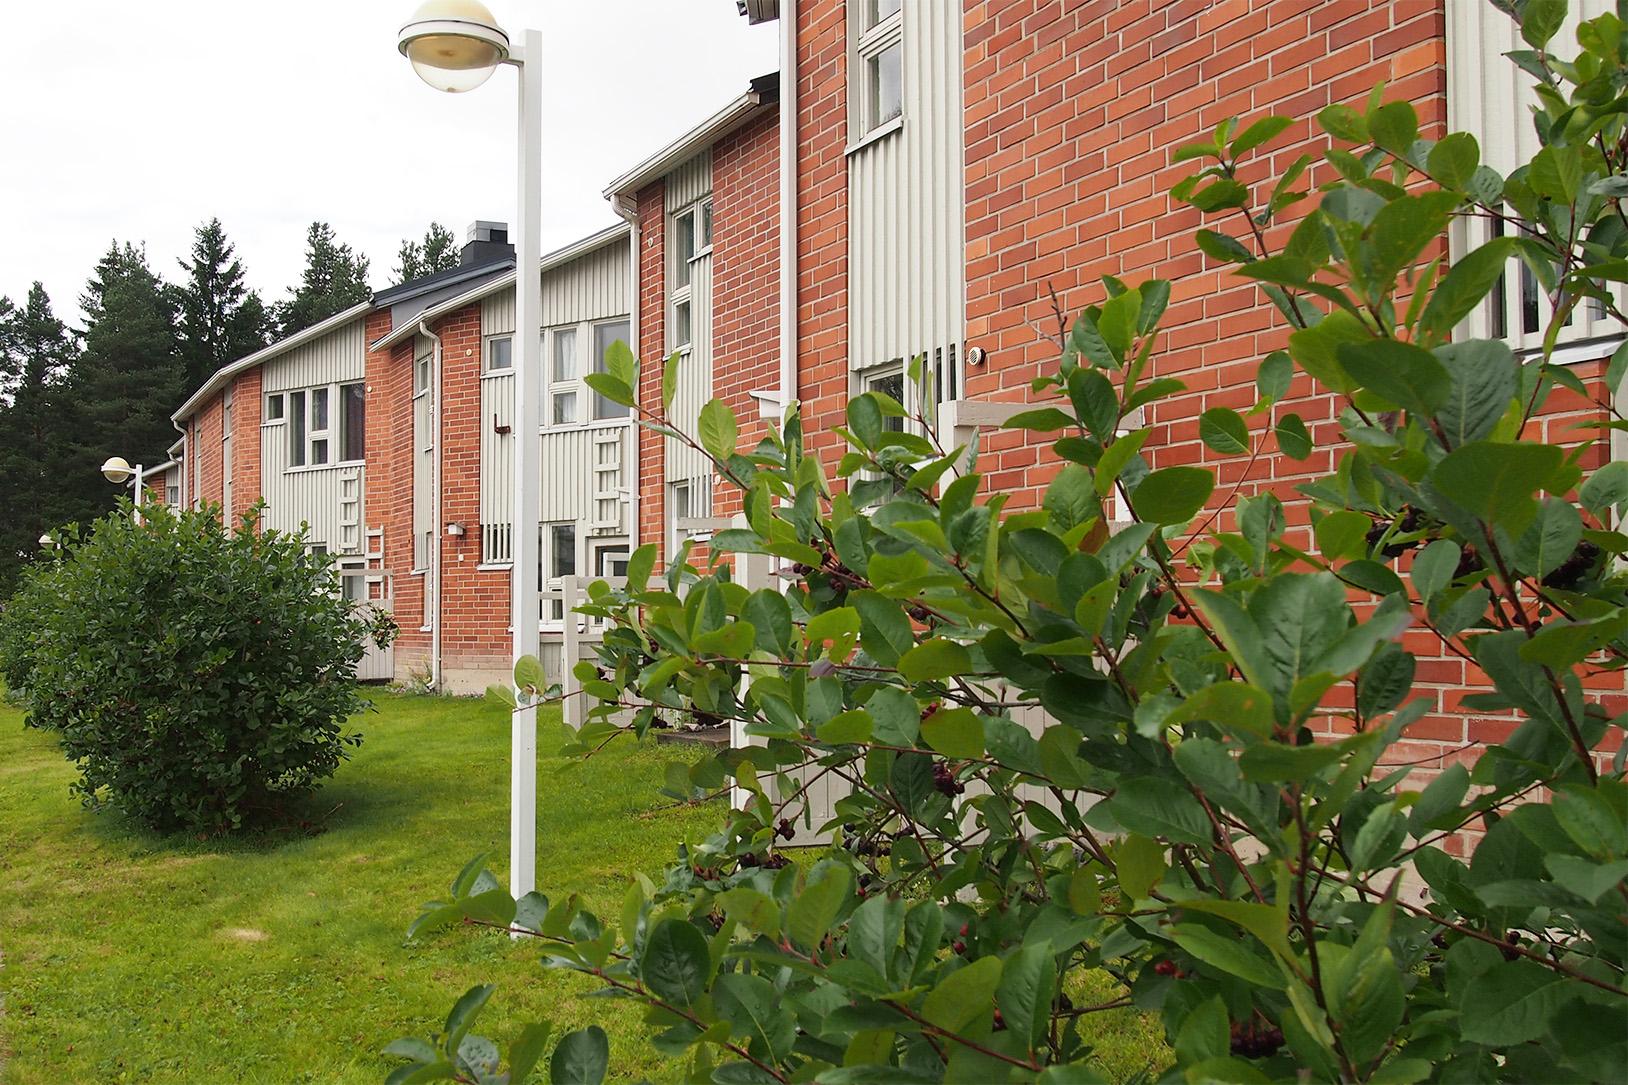 opiskelija asunnot Mantta-Vilppula